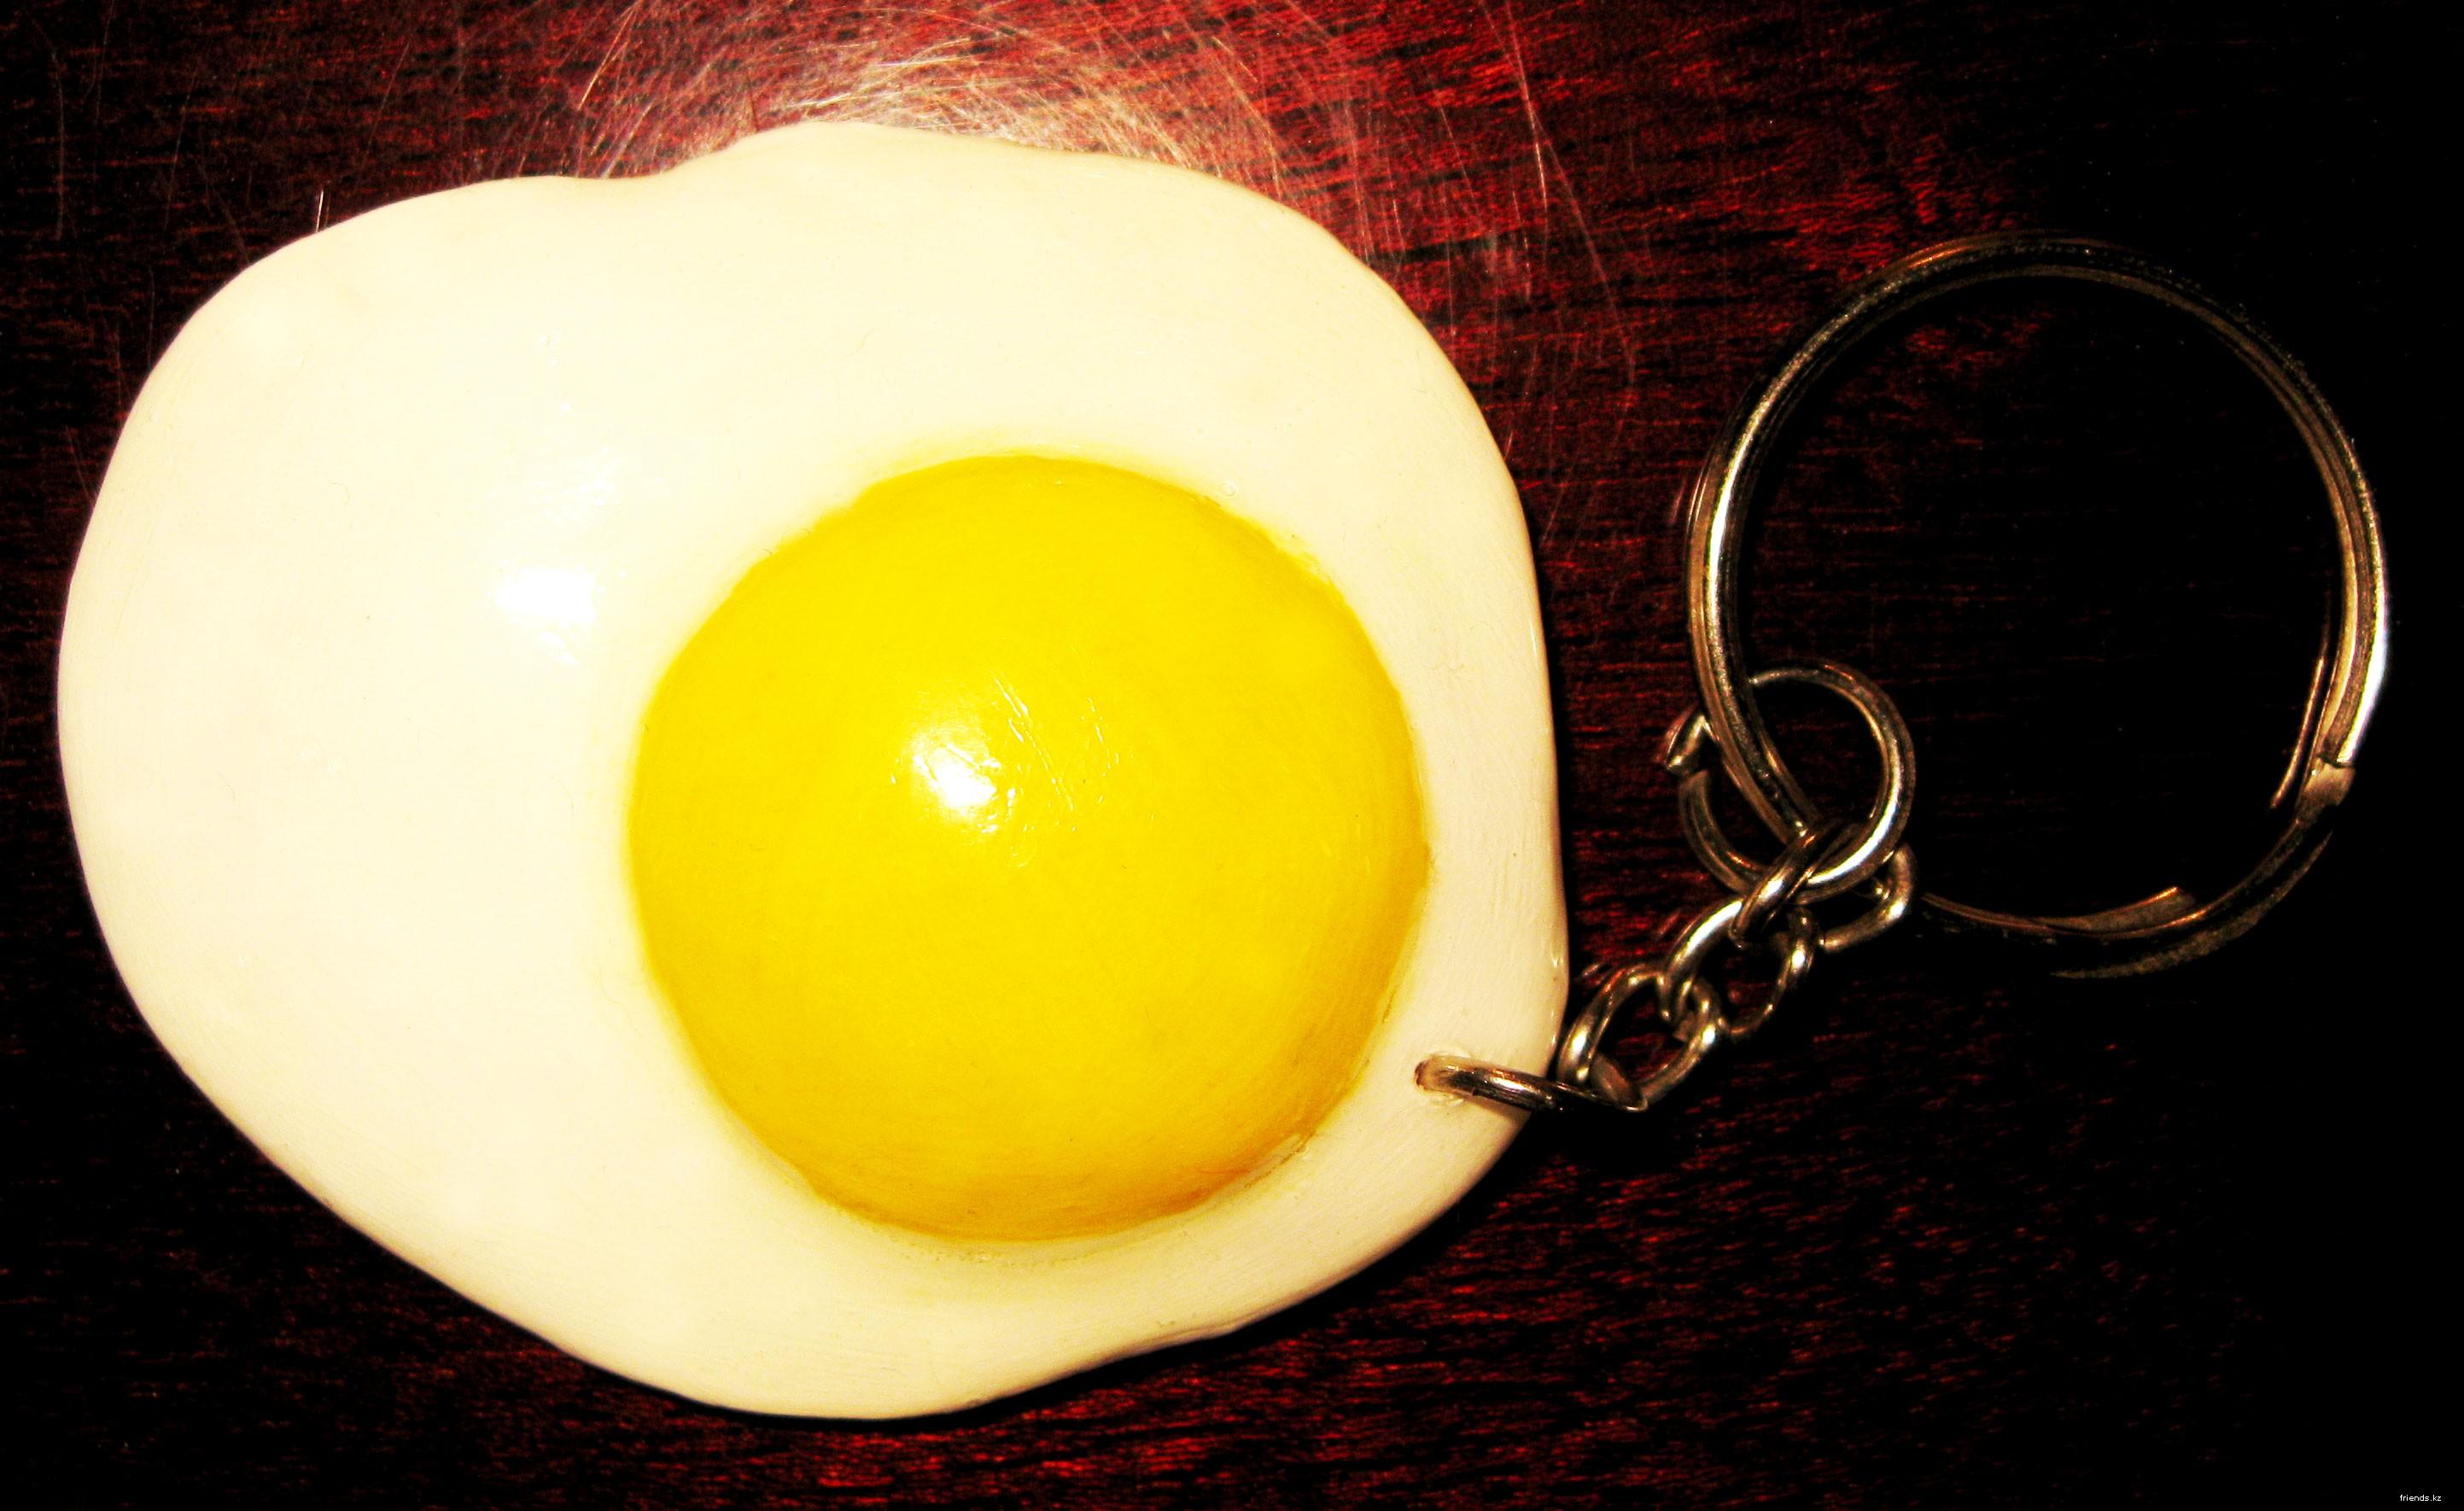 У славян яичница была наиболее распространенным обрядовым блюдом: -Ею кормили молодых на свадьбе, на троицу угощали